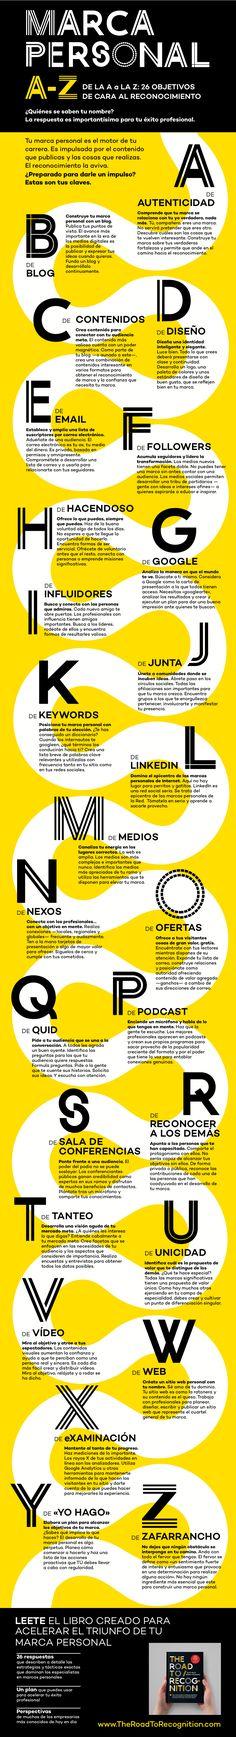 Marca Personal De La A a La Z: La Infografía